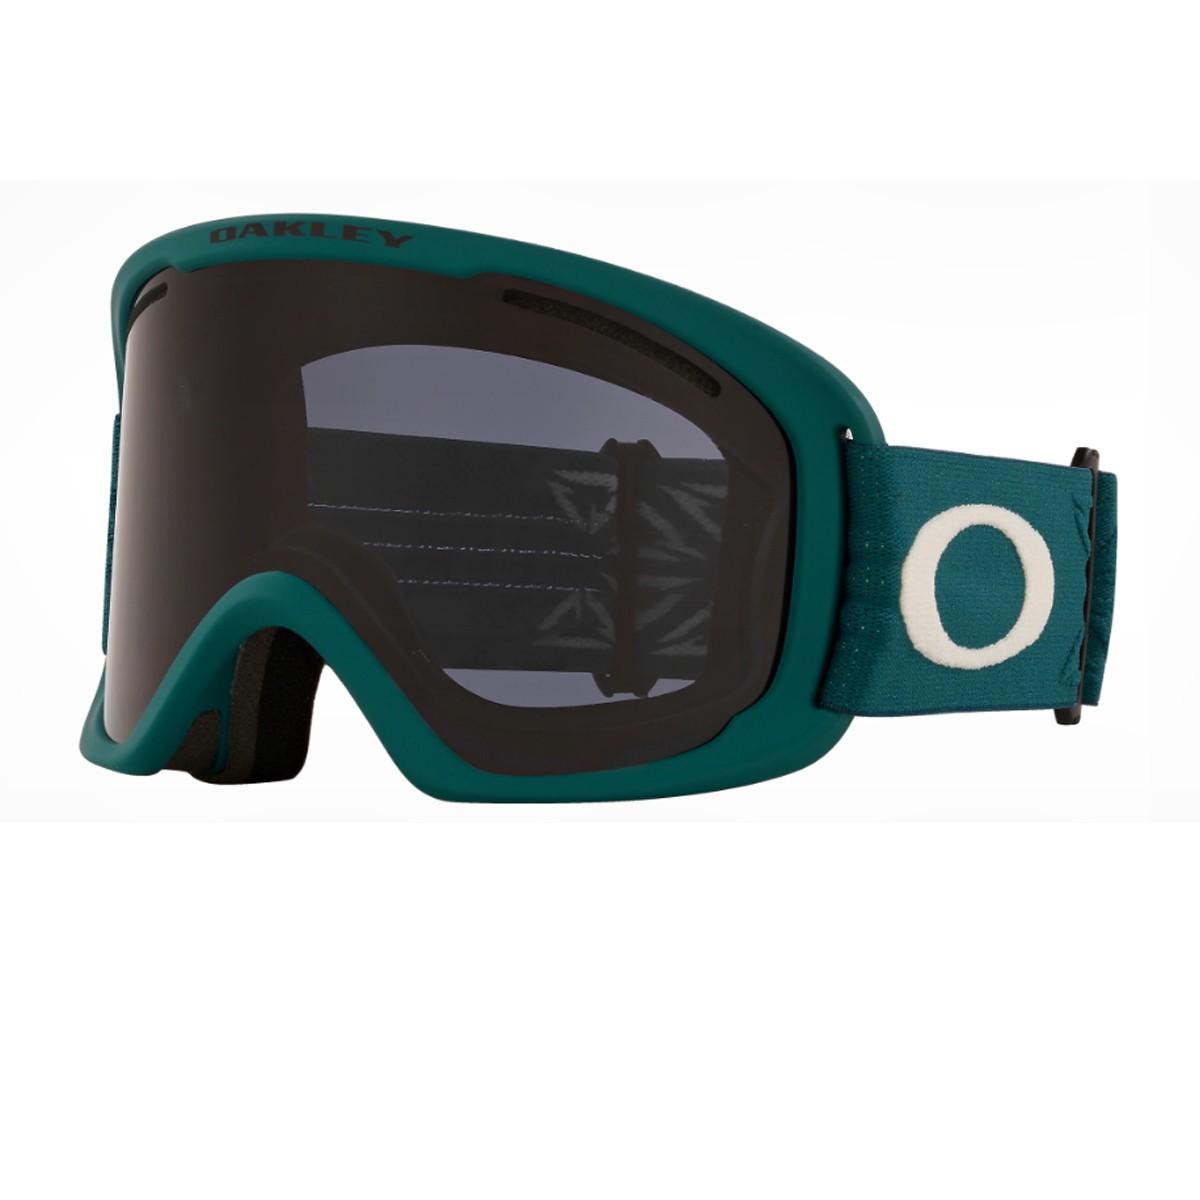 Oakley OO7112 O-Frame® 2.0 PRO XL Snow Goggles   Occhiali da sole Unisex